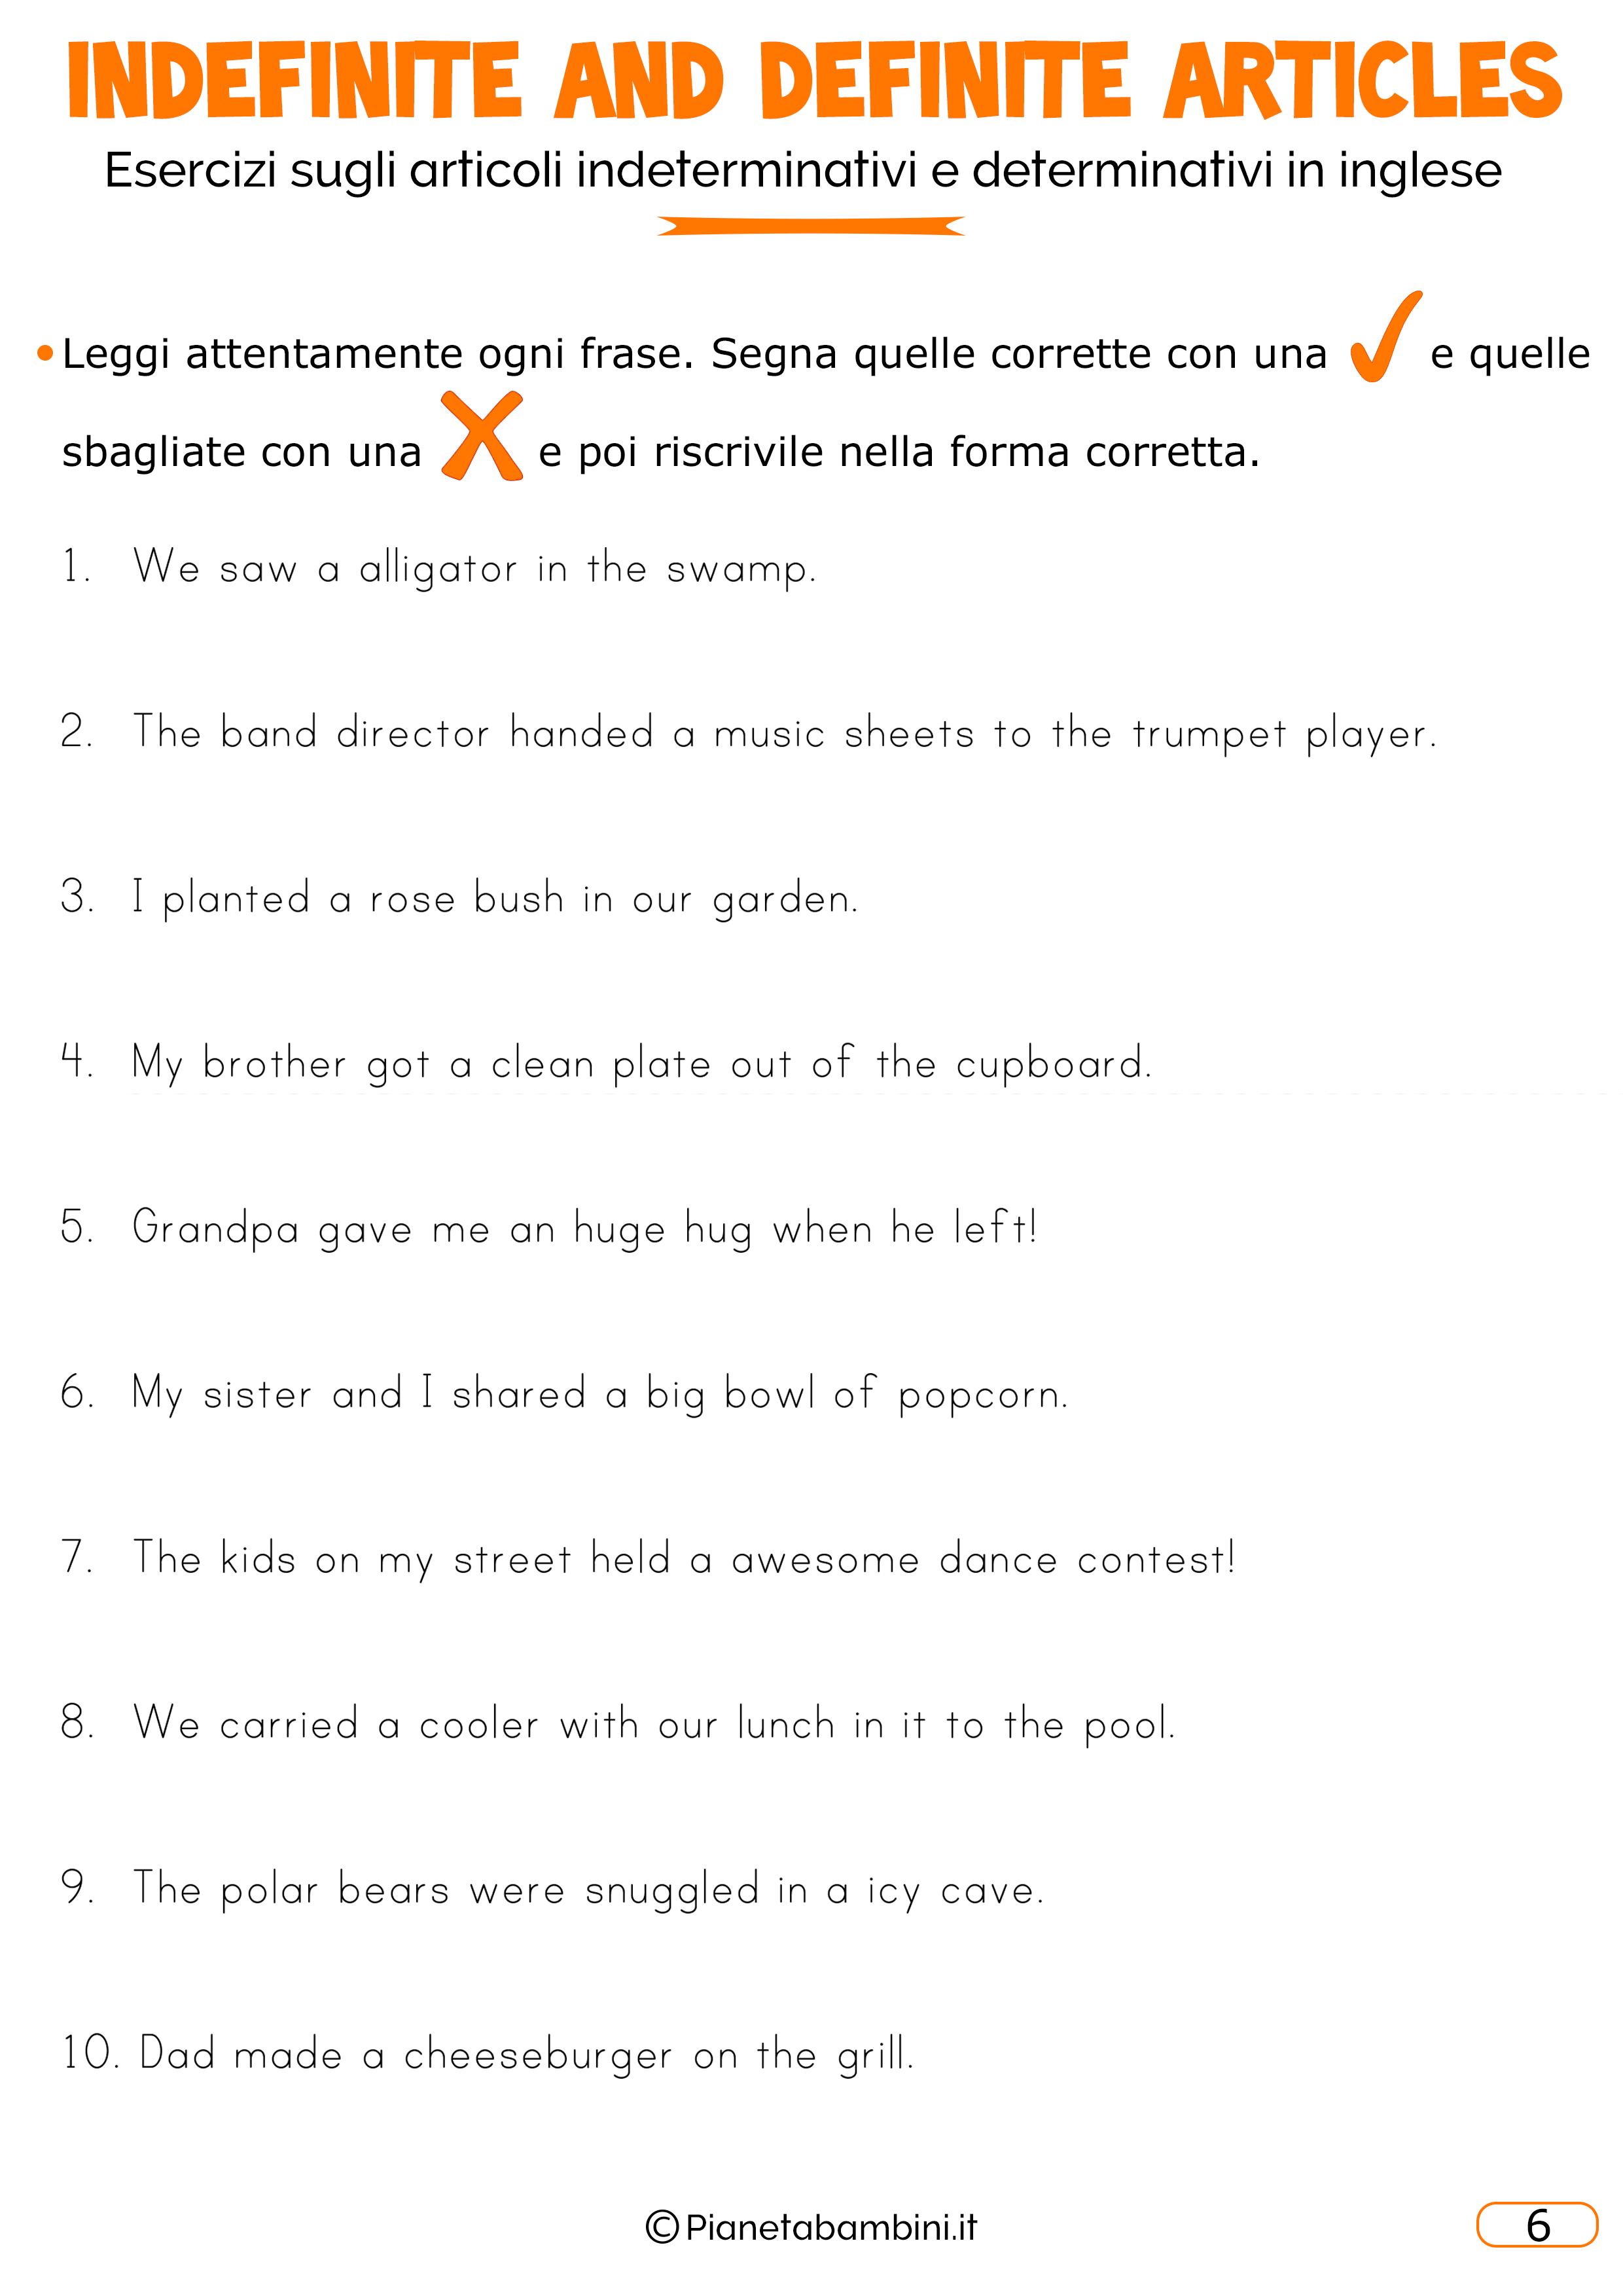 Esercizi-Articoli-Inglese-06